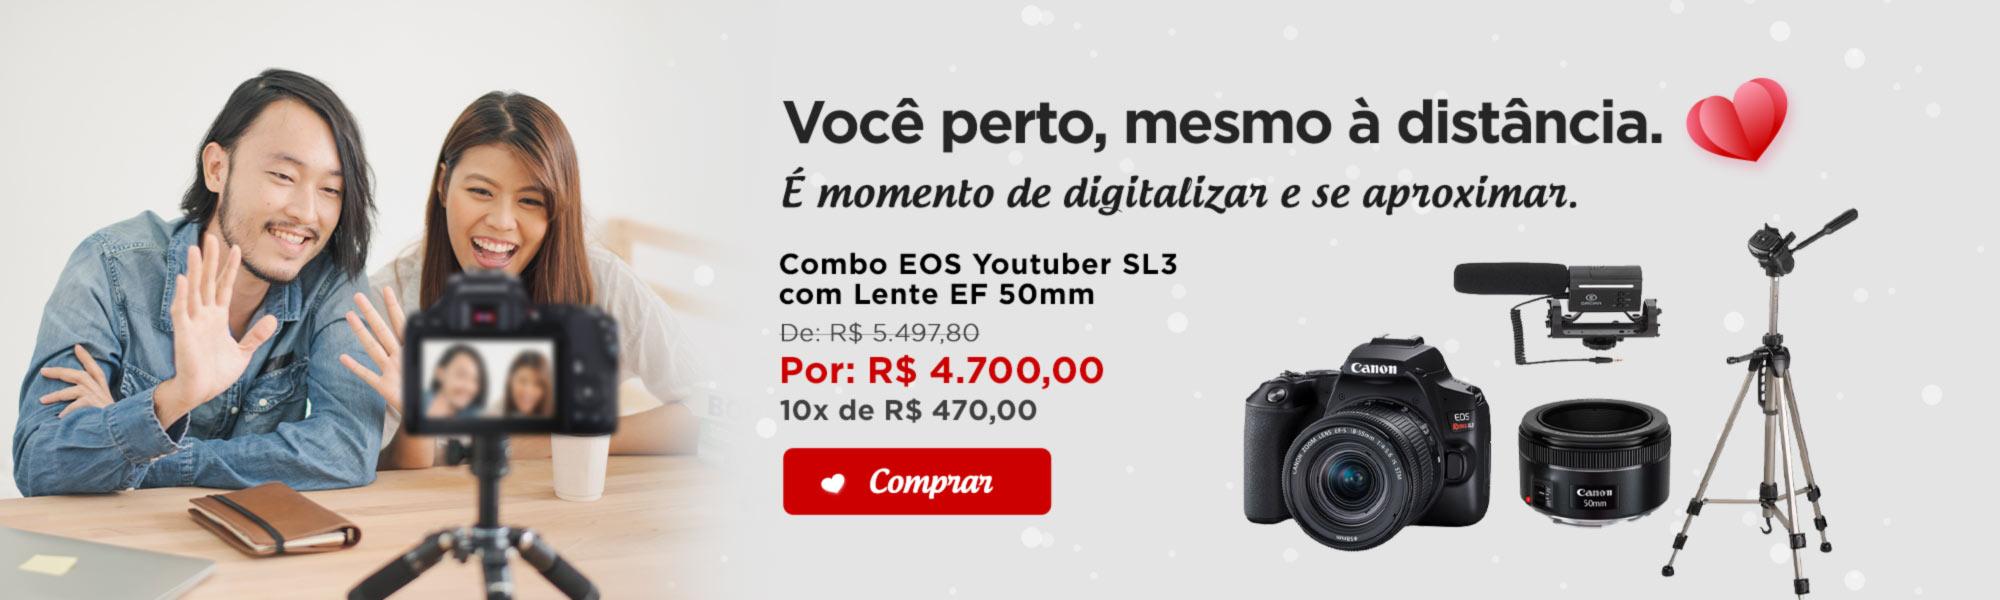 Combo EOS Youtuber SL3 com Lente EF 50mm